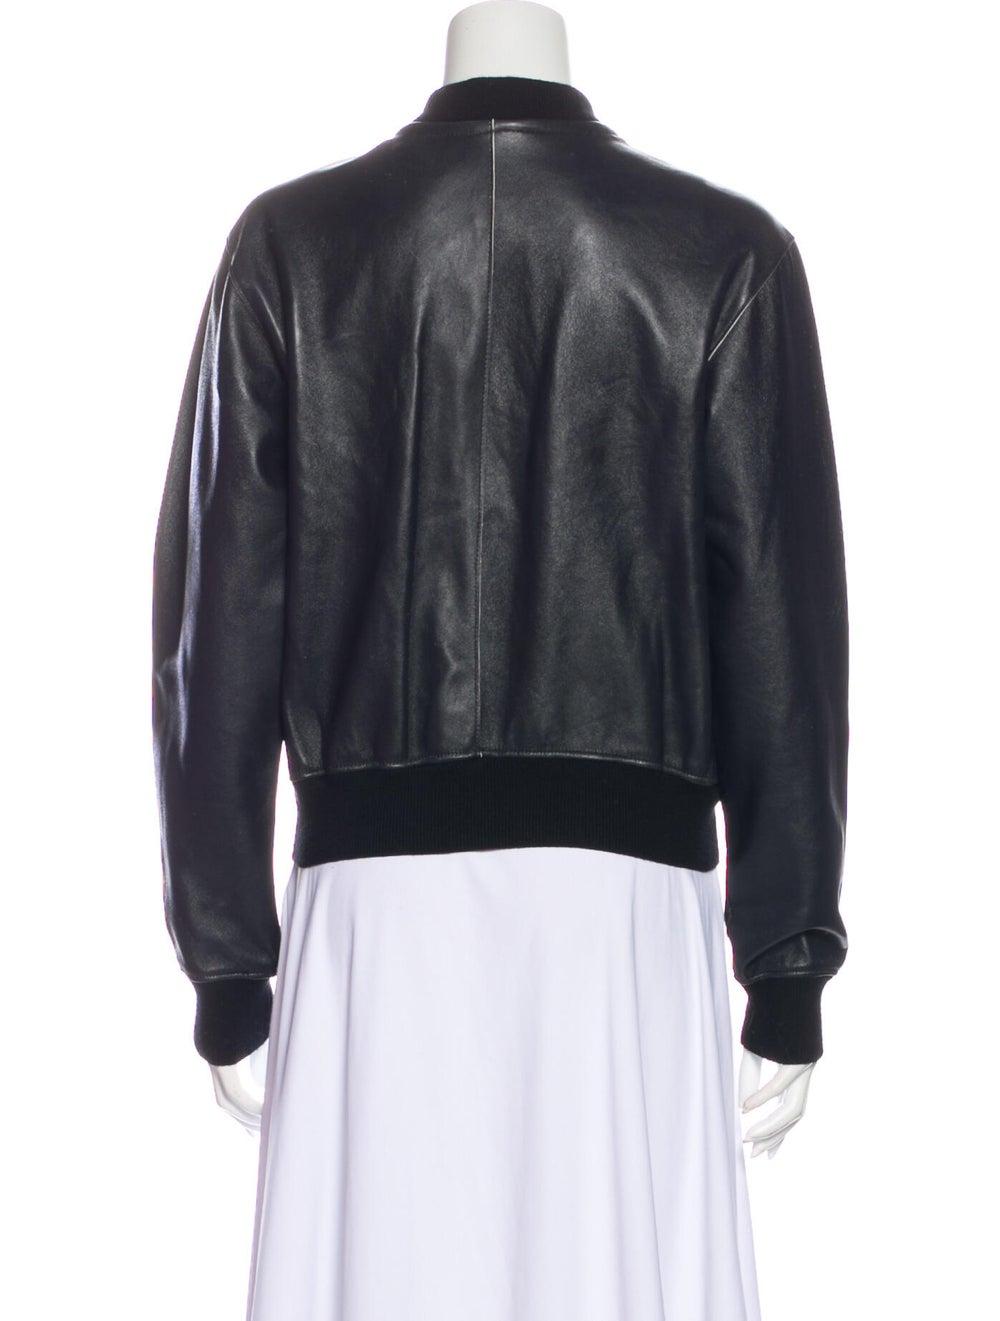 Vince Leather Bomber Jacket Black - image 3